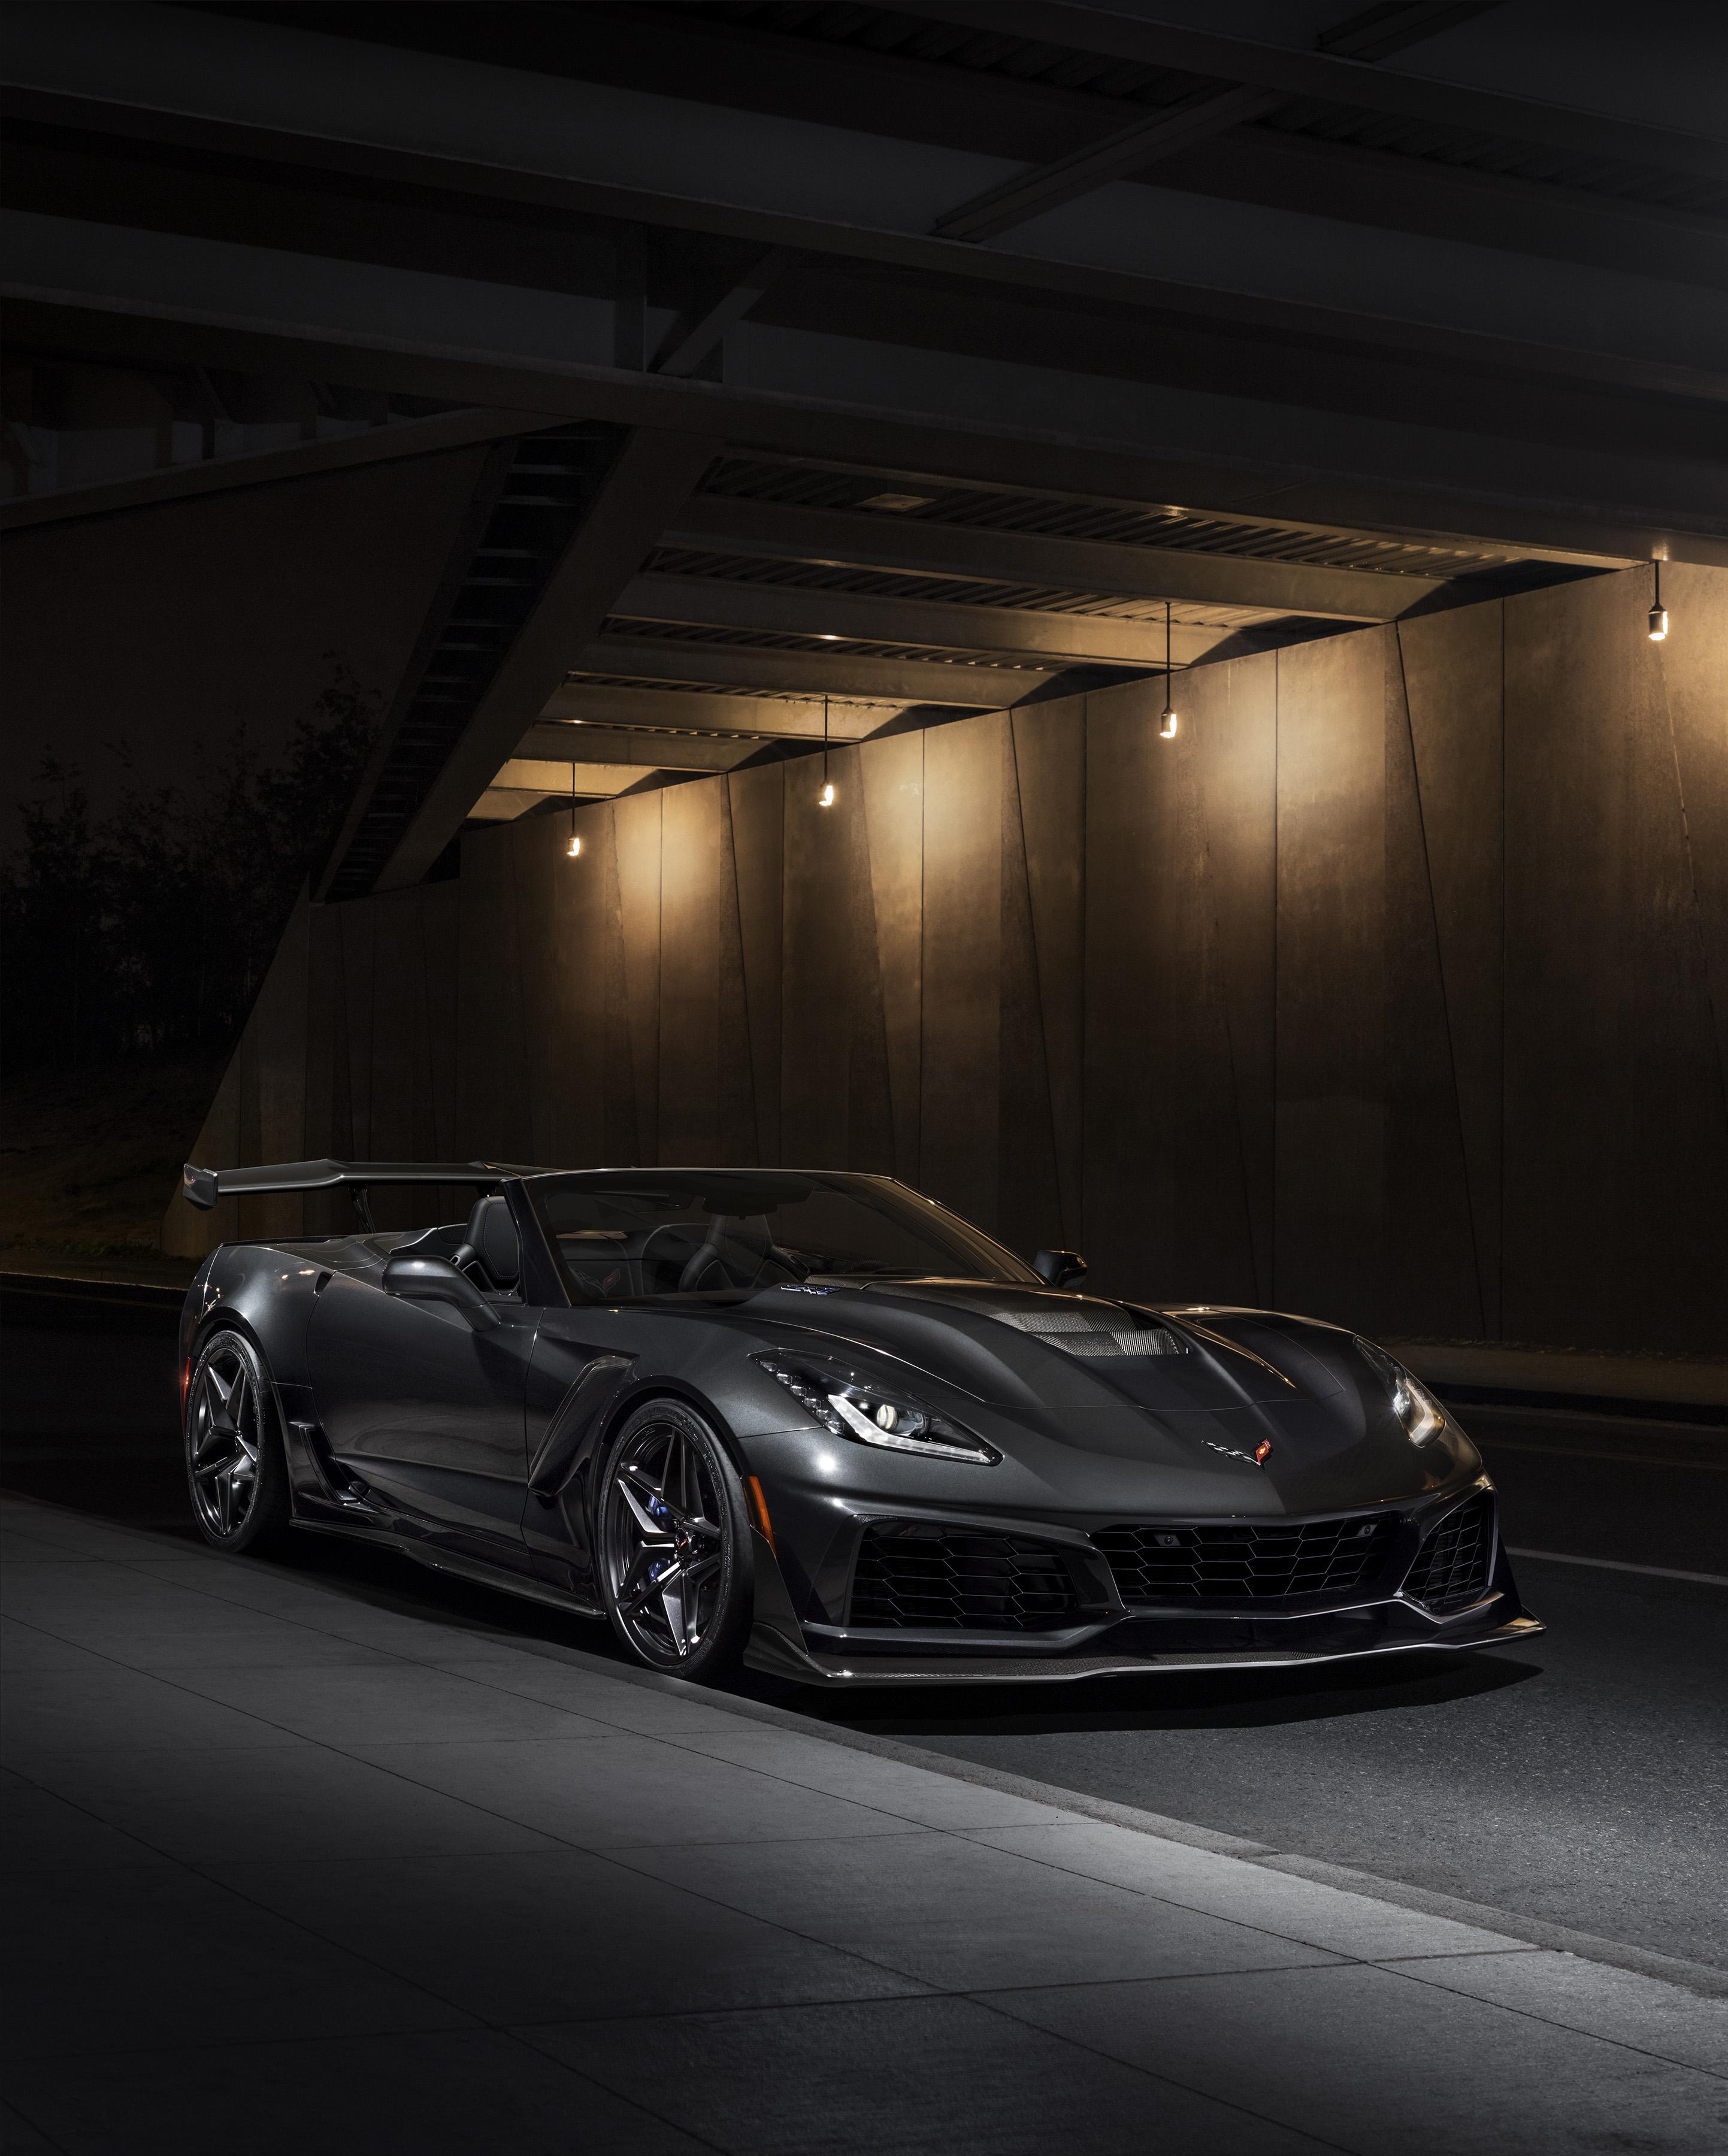 Kekurangan Chevrolet Corvette Zr1 2019 Murah Berkualitas